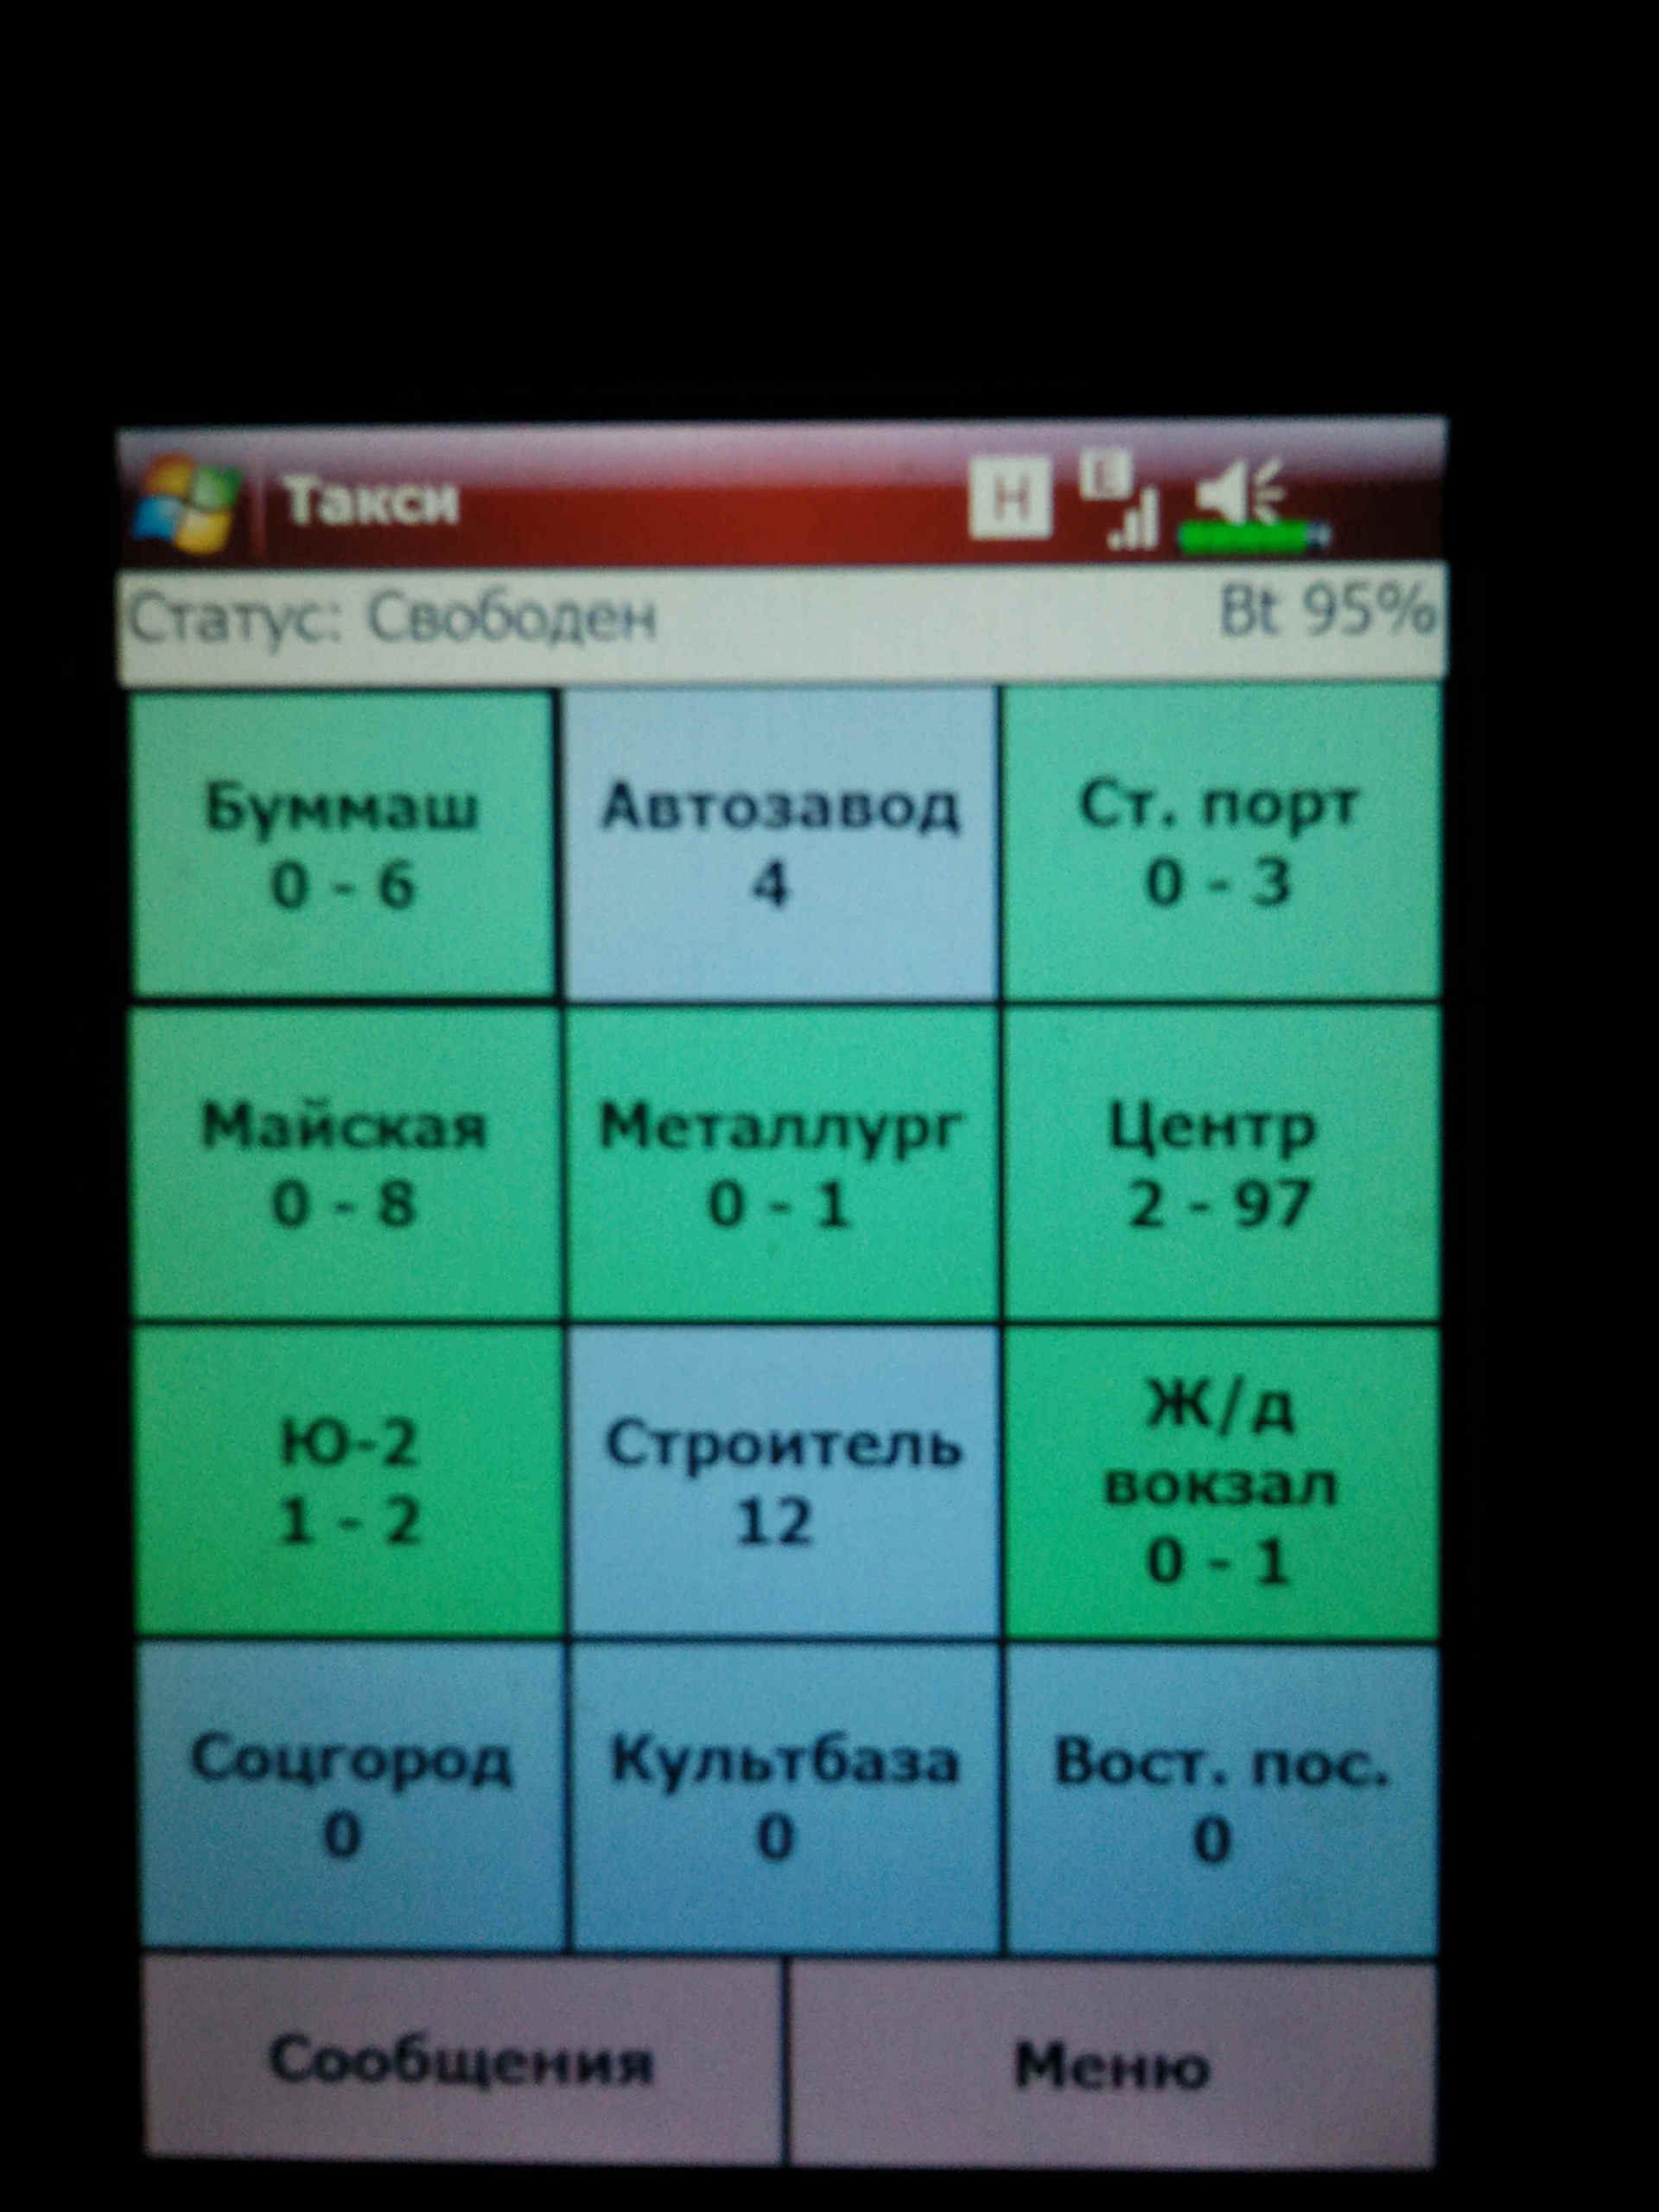 Календарь для windows 8 на рабочий стол